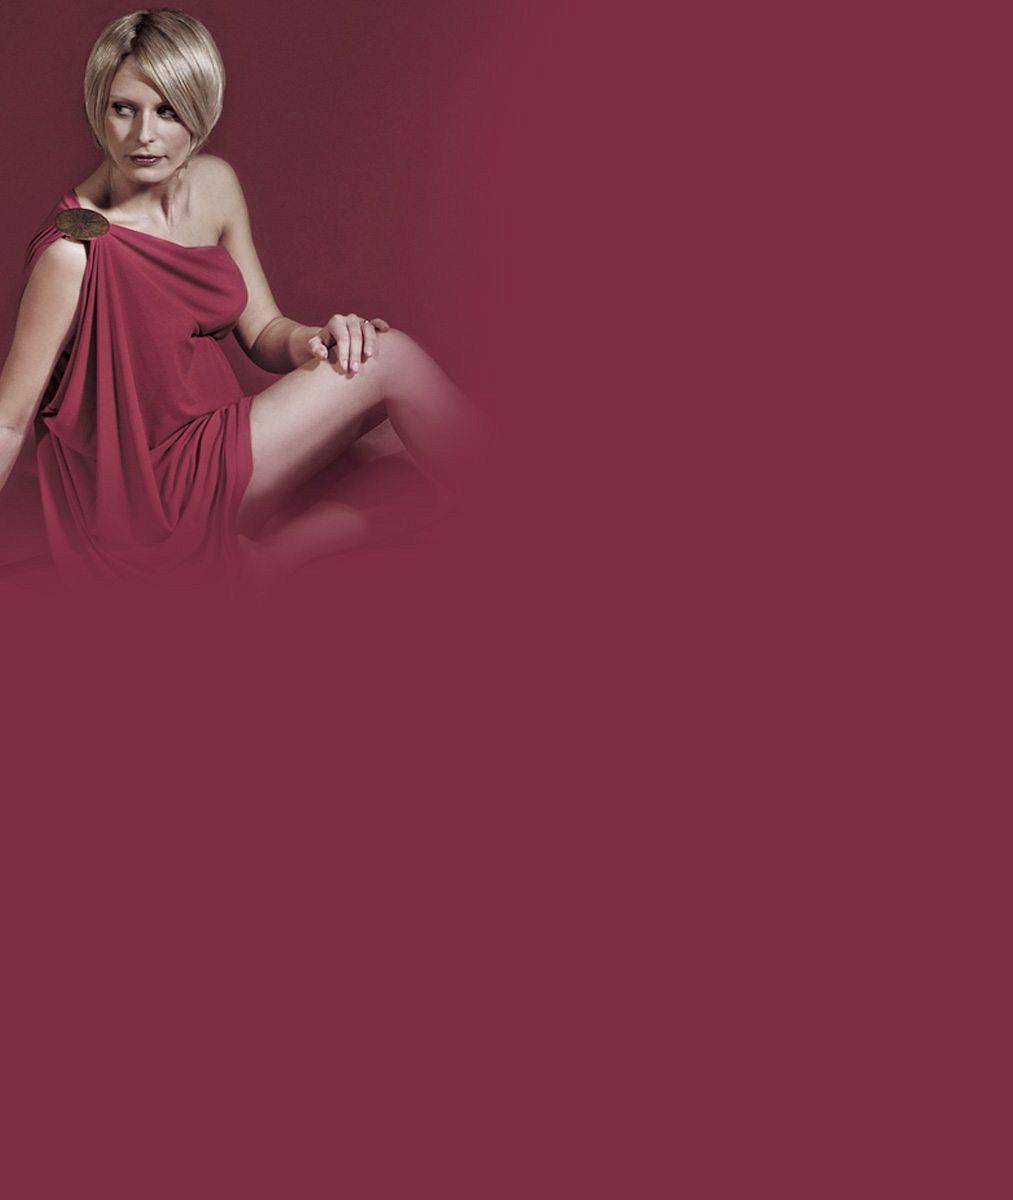 Hvězda Televizních novin, jak ji neznáte: Blonďatá moderátorka se vyfotila v plavkách a bez make-upu